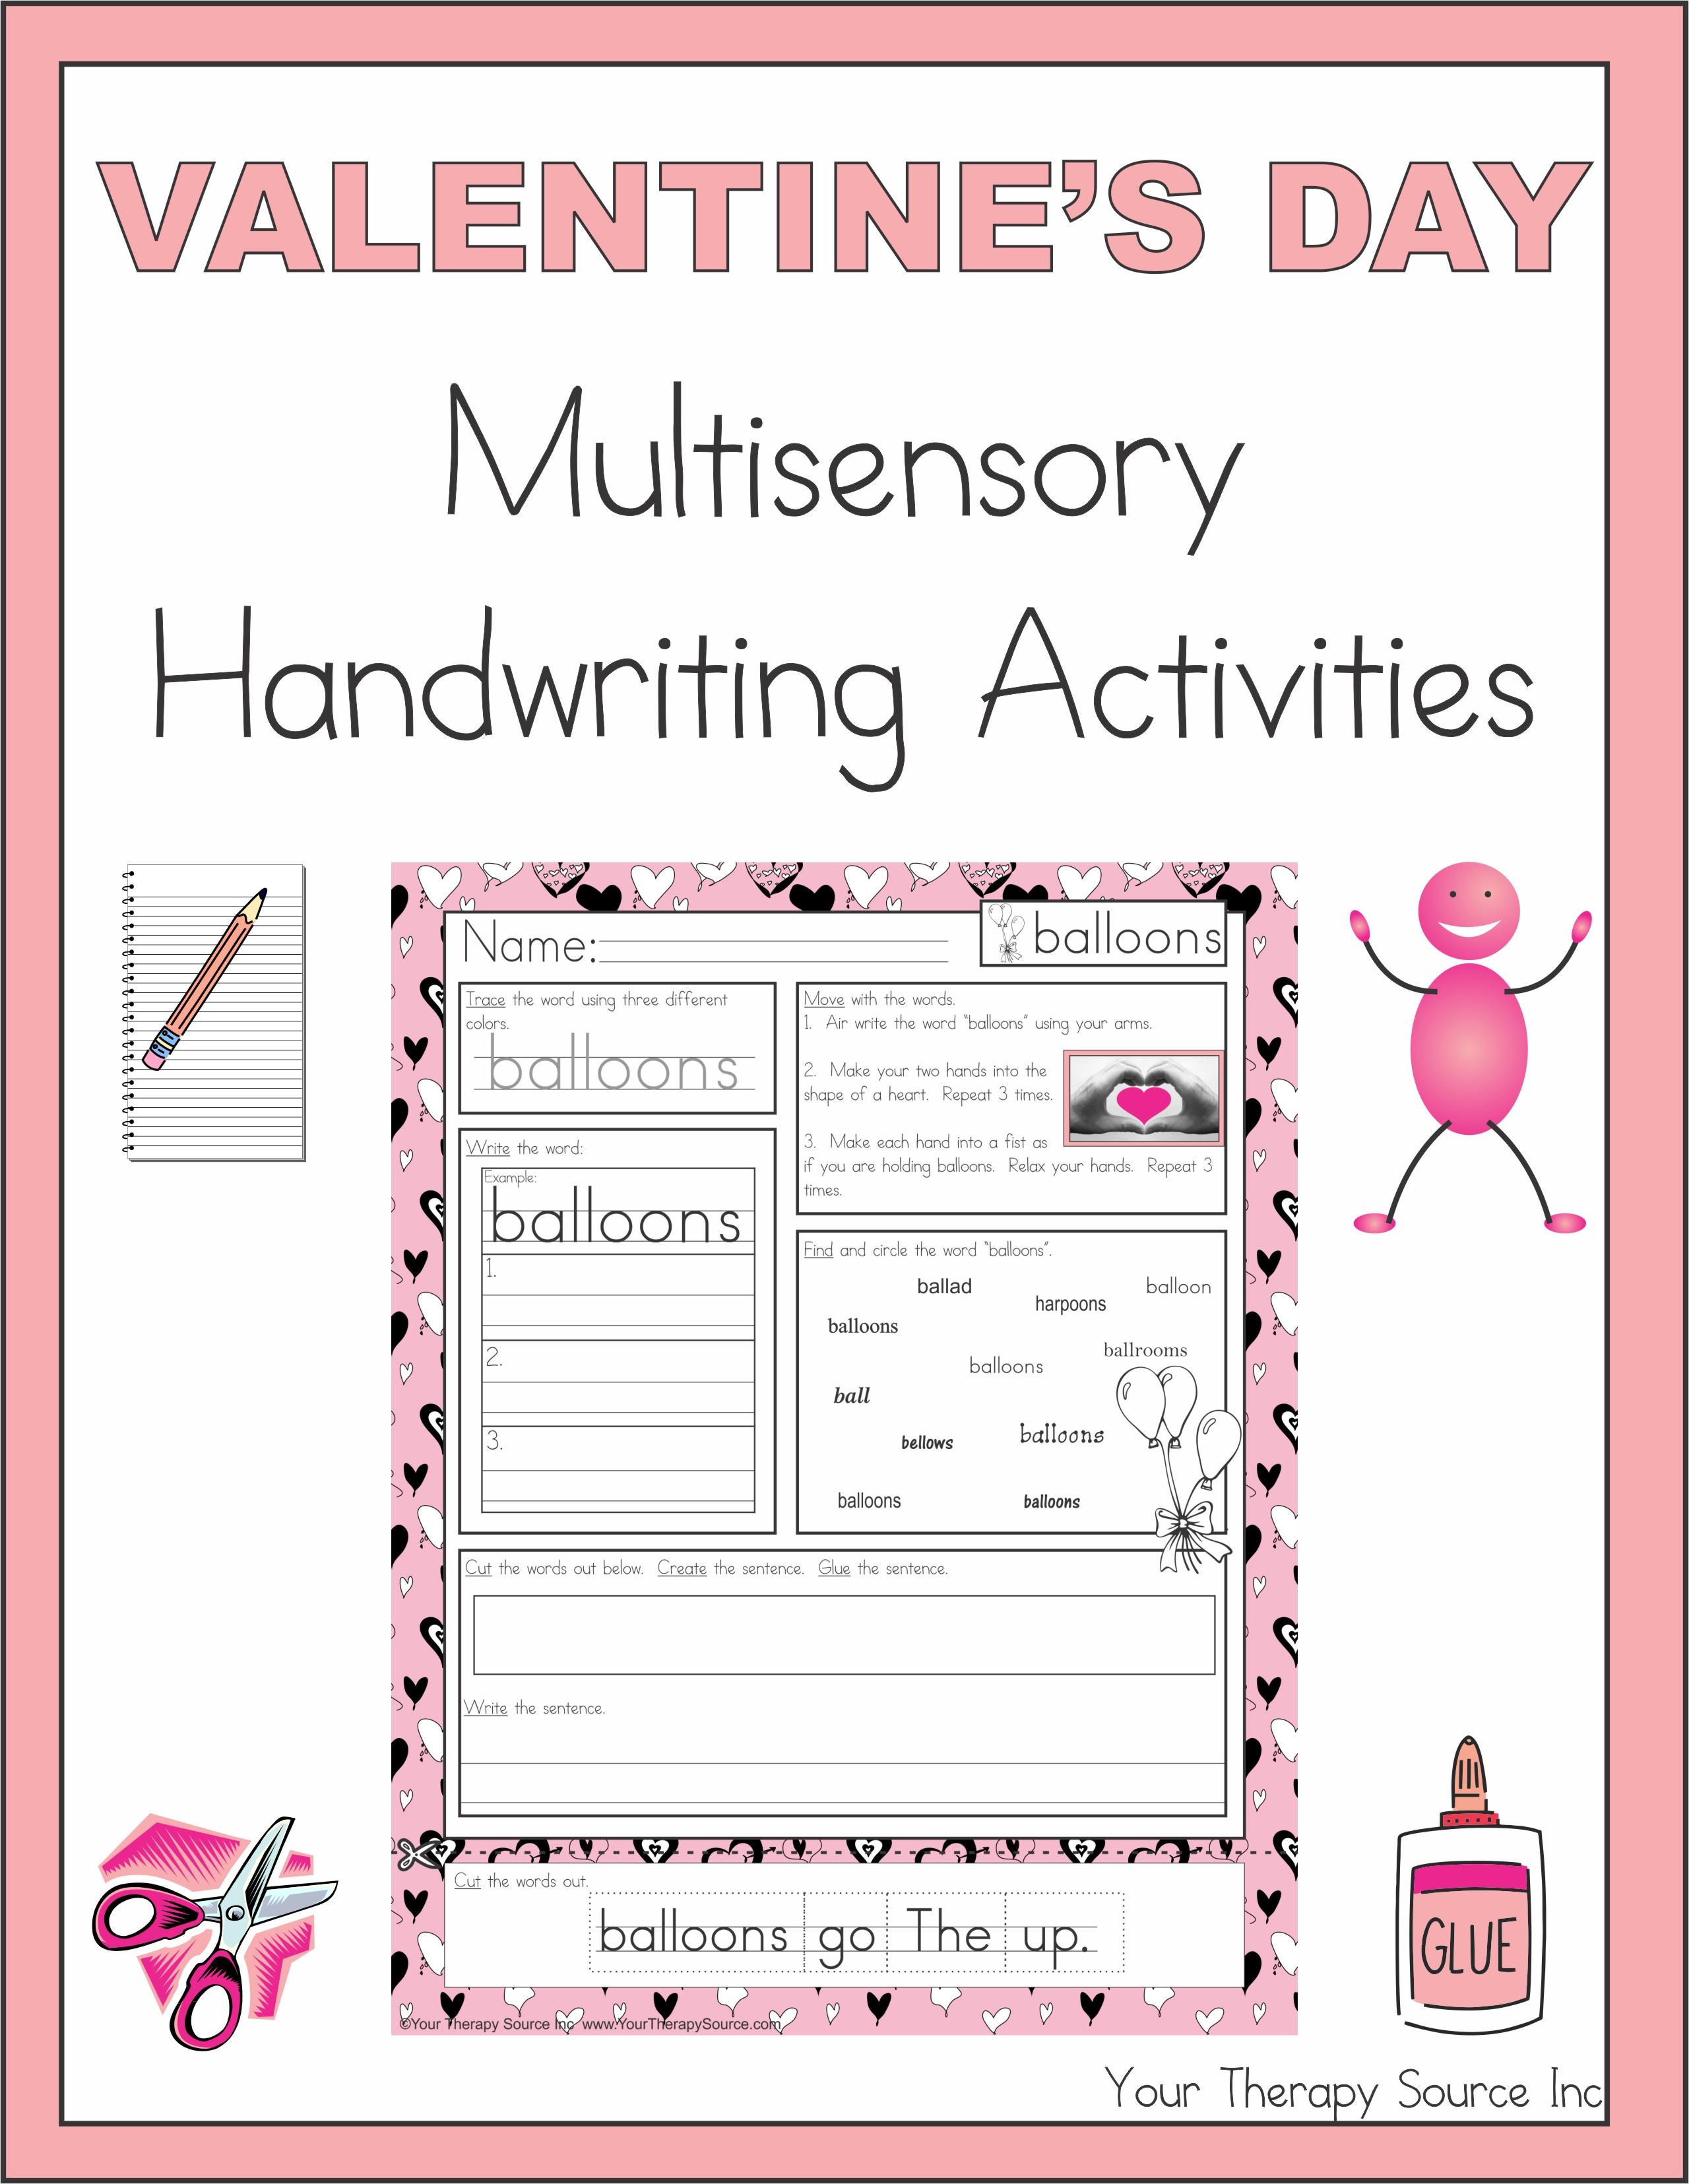 Valentine S Day Multisensory Handwriting Activities